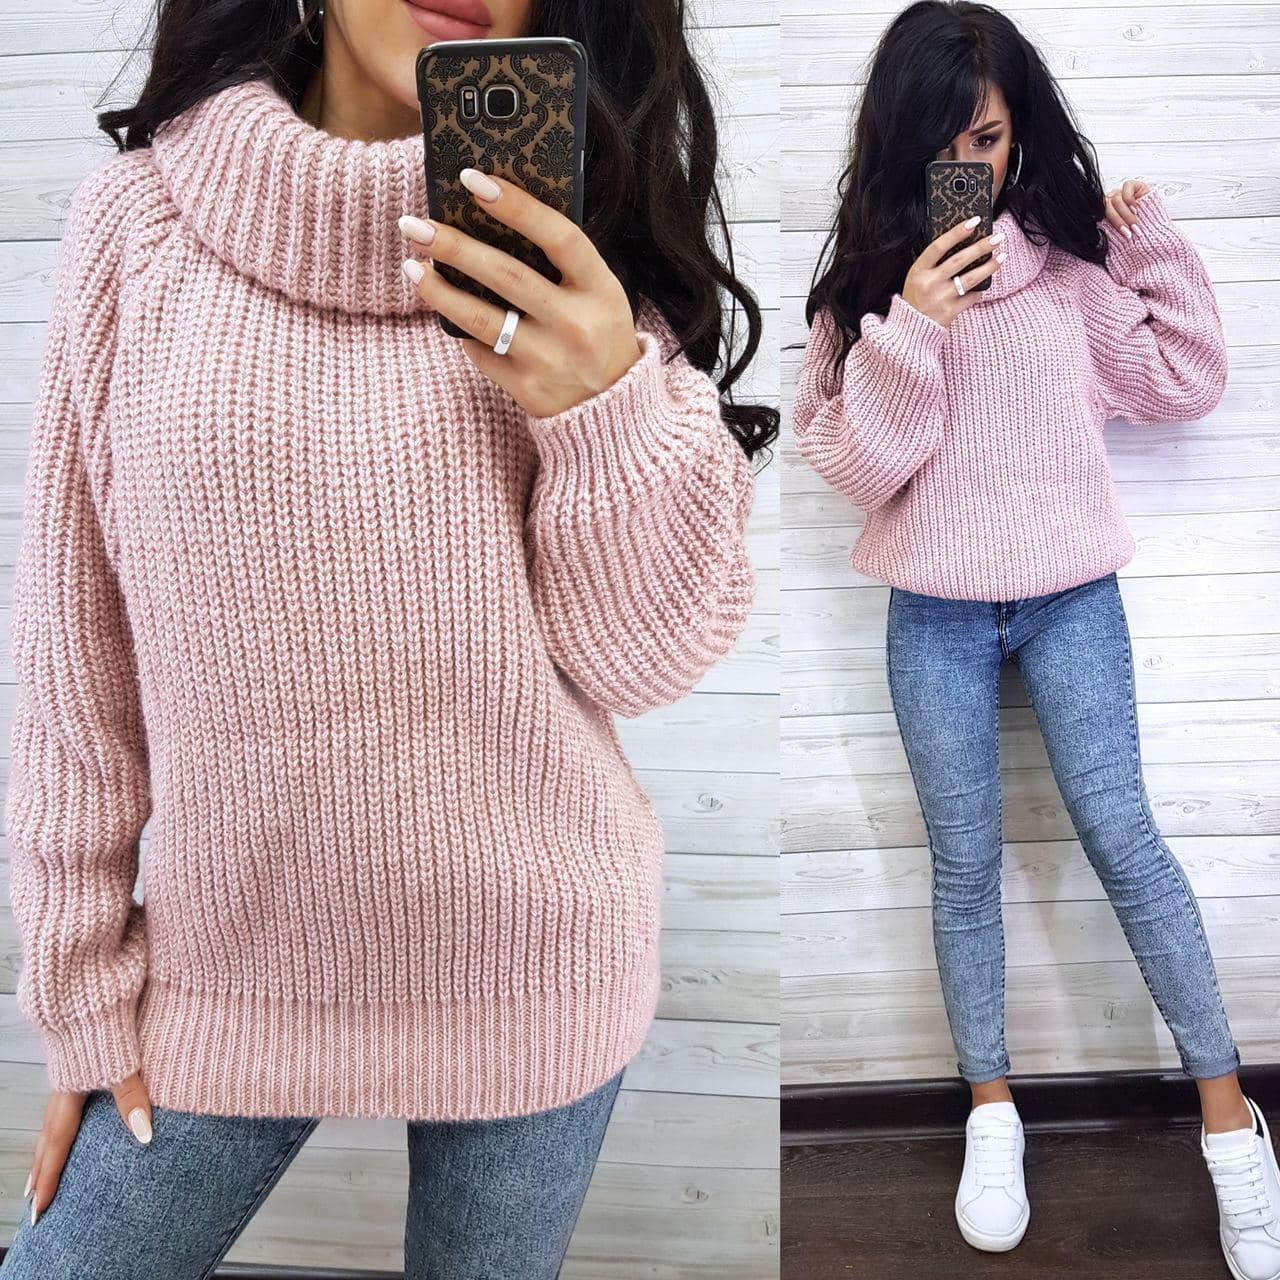 Плетений жіночий теплий светр з рукавом регланом і коміром хомутом (р. 42-46) 8dm1039